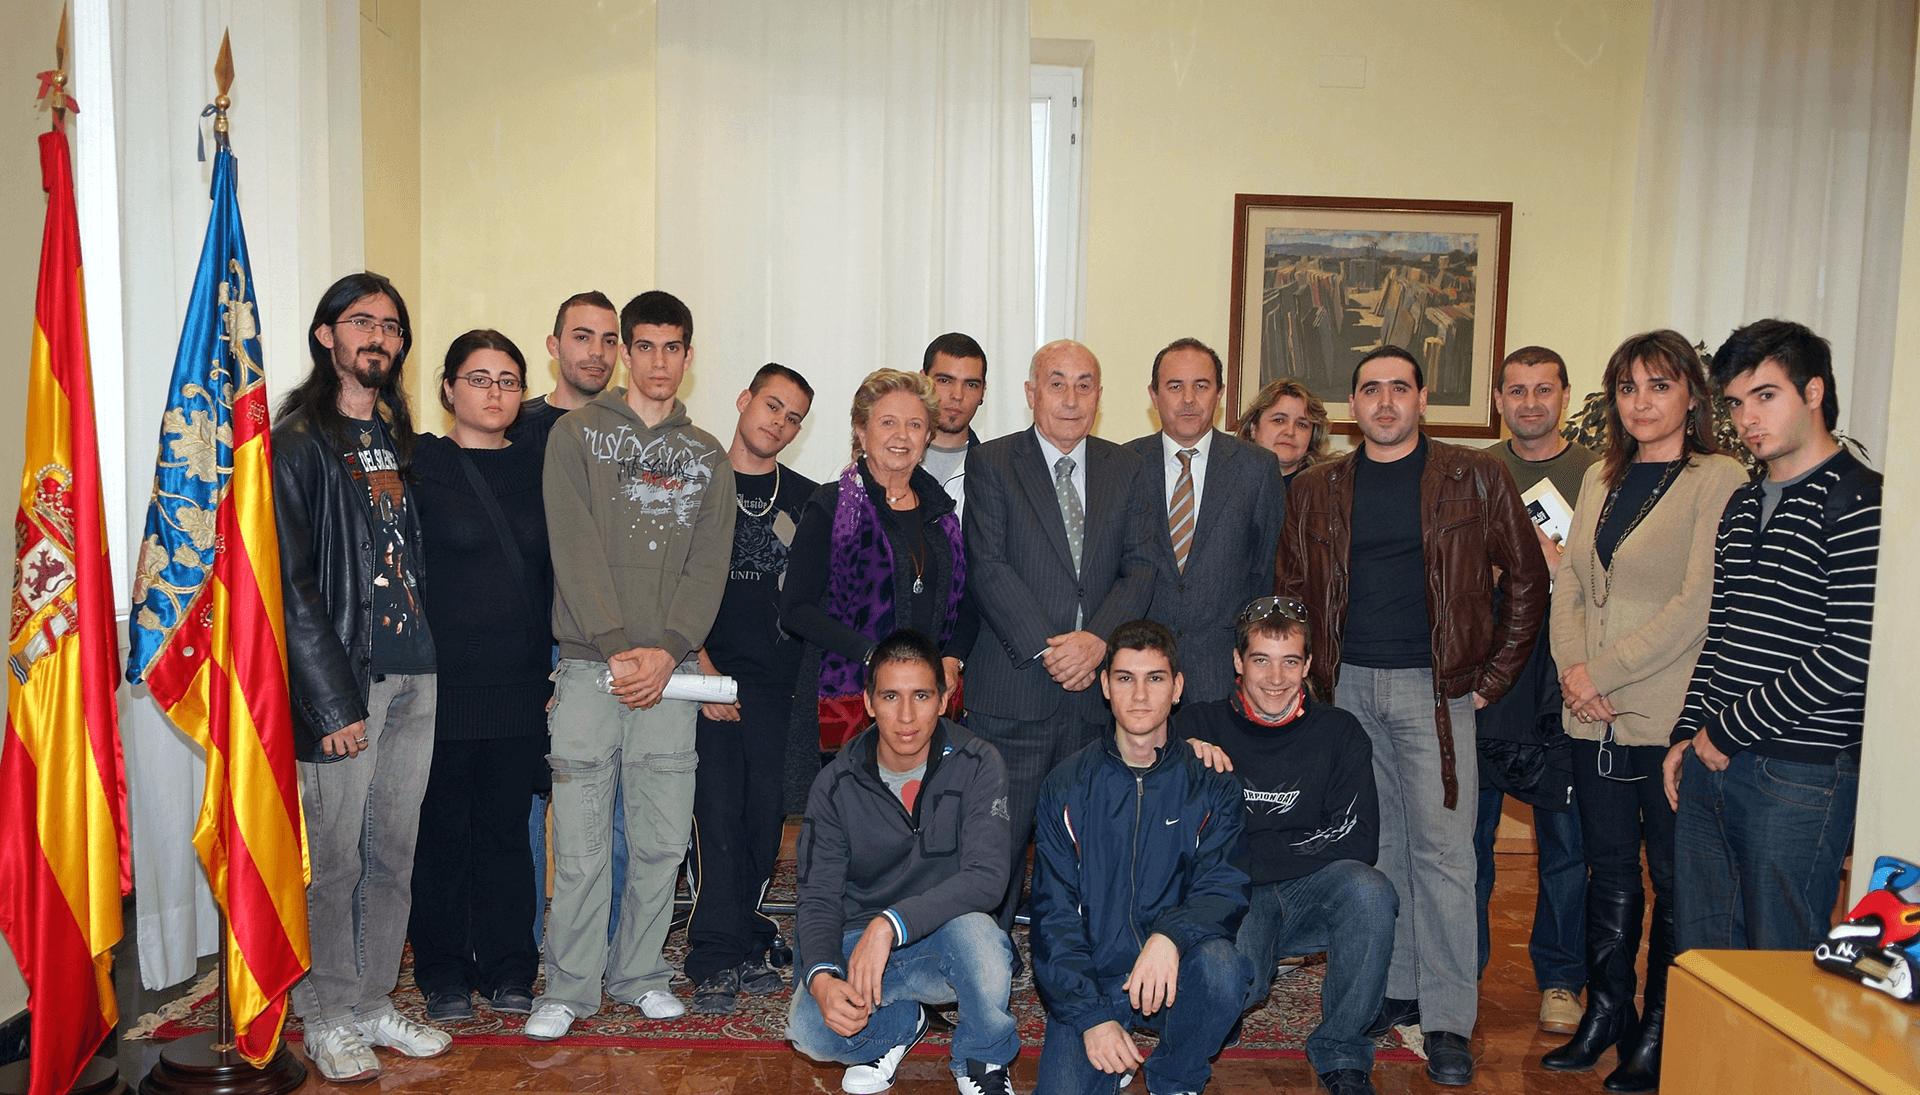 El  Síndic de Greuges firma un convenio de colaboración con la Federación  Valenciana de Municipios y Provincias